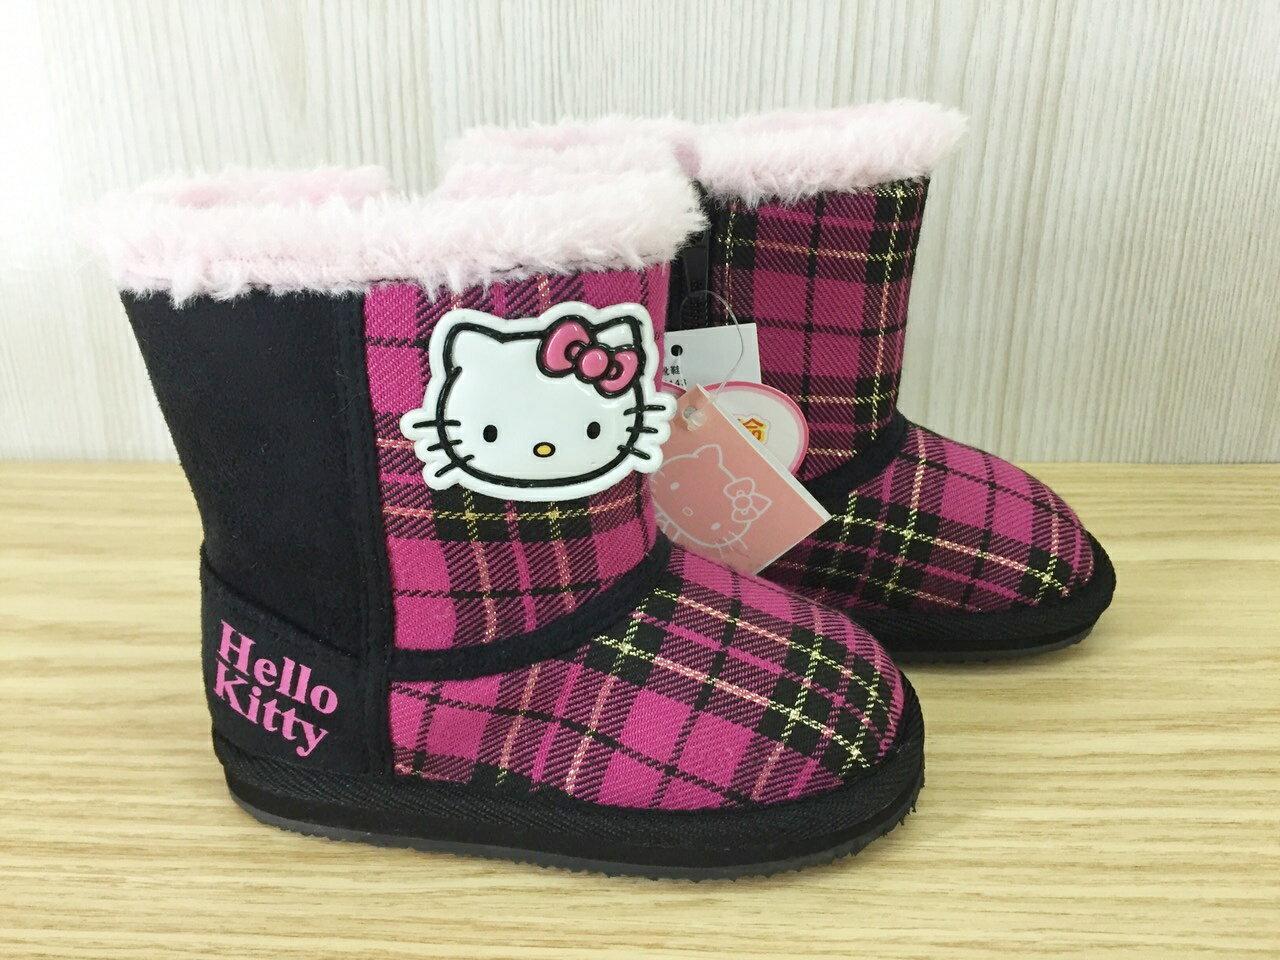 【真愛日本】兒童毛靴715143黑 14-19  三麗鷗 Hello Kitty 凱蒂貓 靴子 毛靴  童鞋  保暖